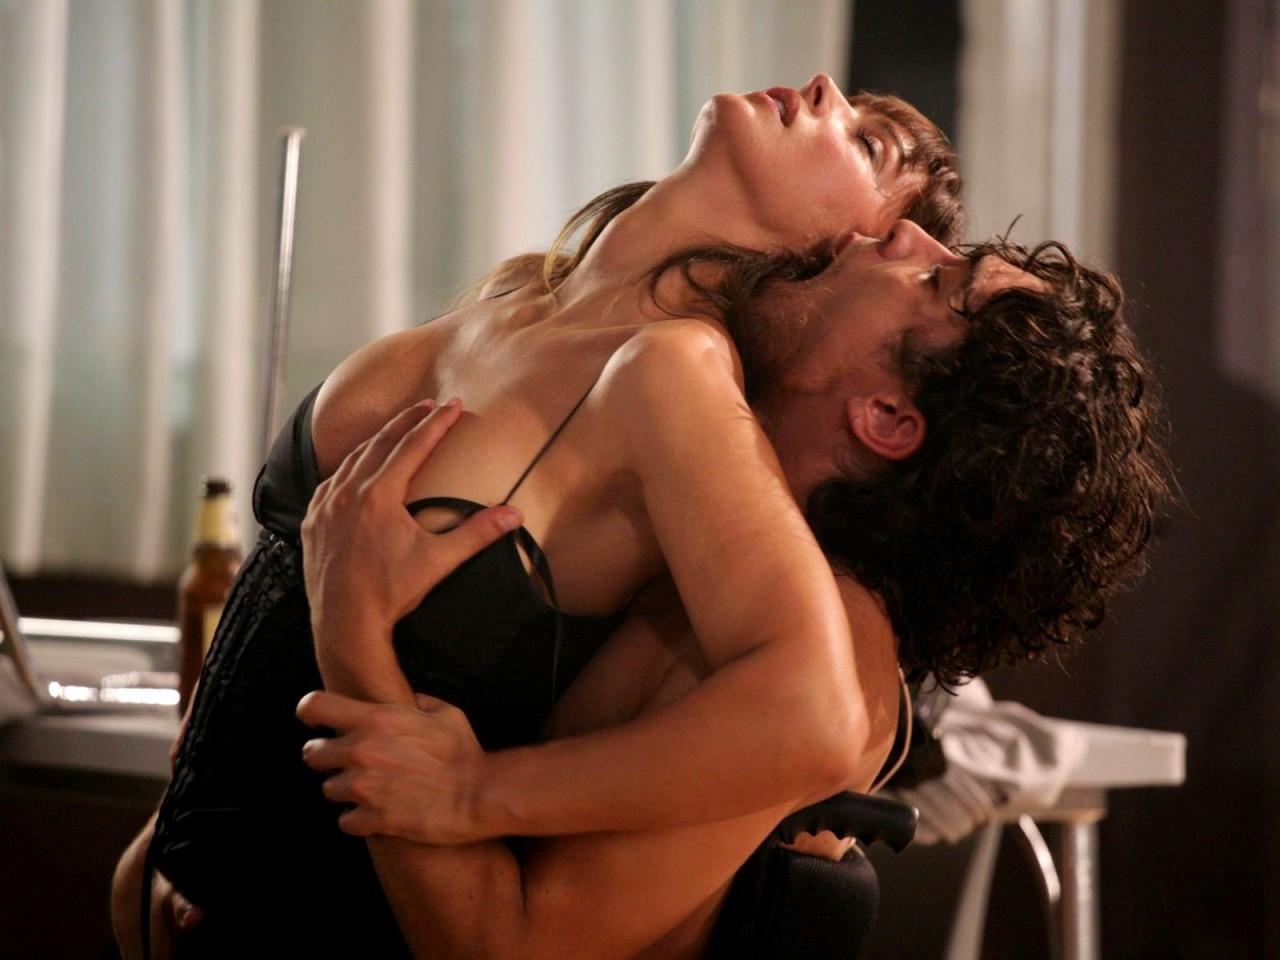 Смотреть в онлайн струнный оргазм 18 фотография